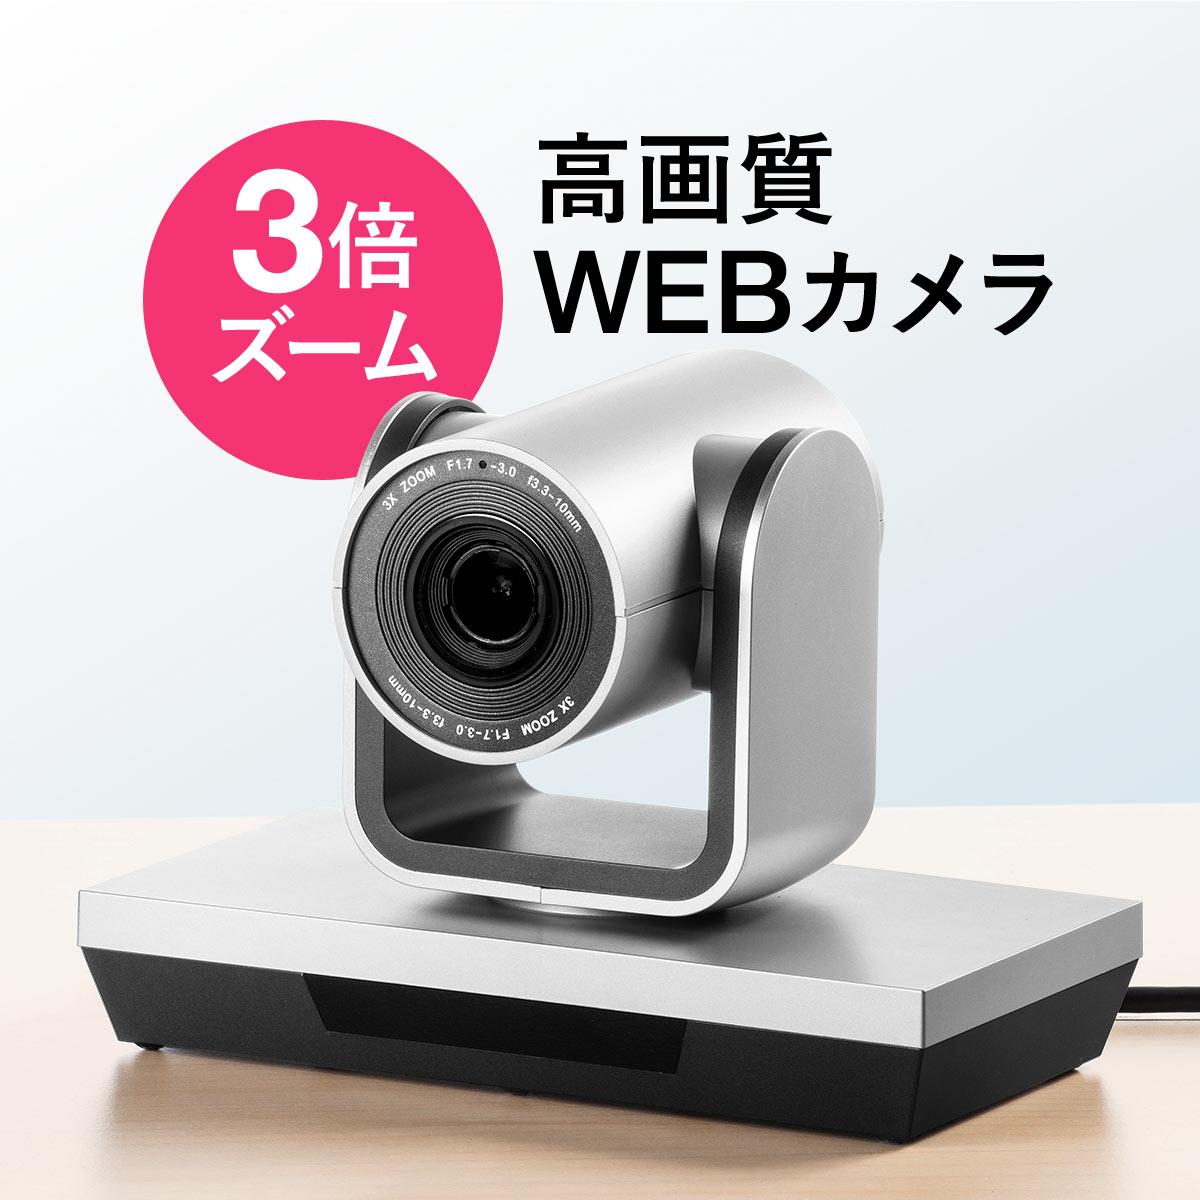 WEBカメラ USBカメラ 広角 高画質 3倍ズーム対応 WEB会議向け パン・チルト対応 フルHD 210万画素 CMOSセンサー リモコン付き 接続するだけ 簡単